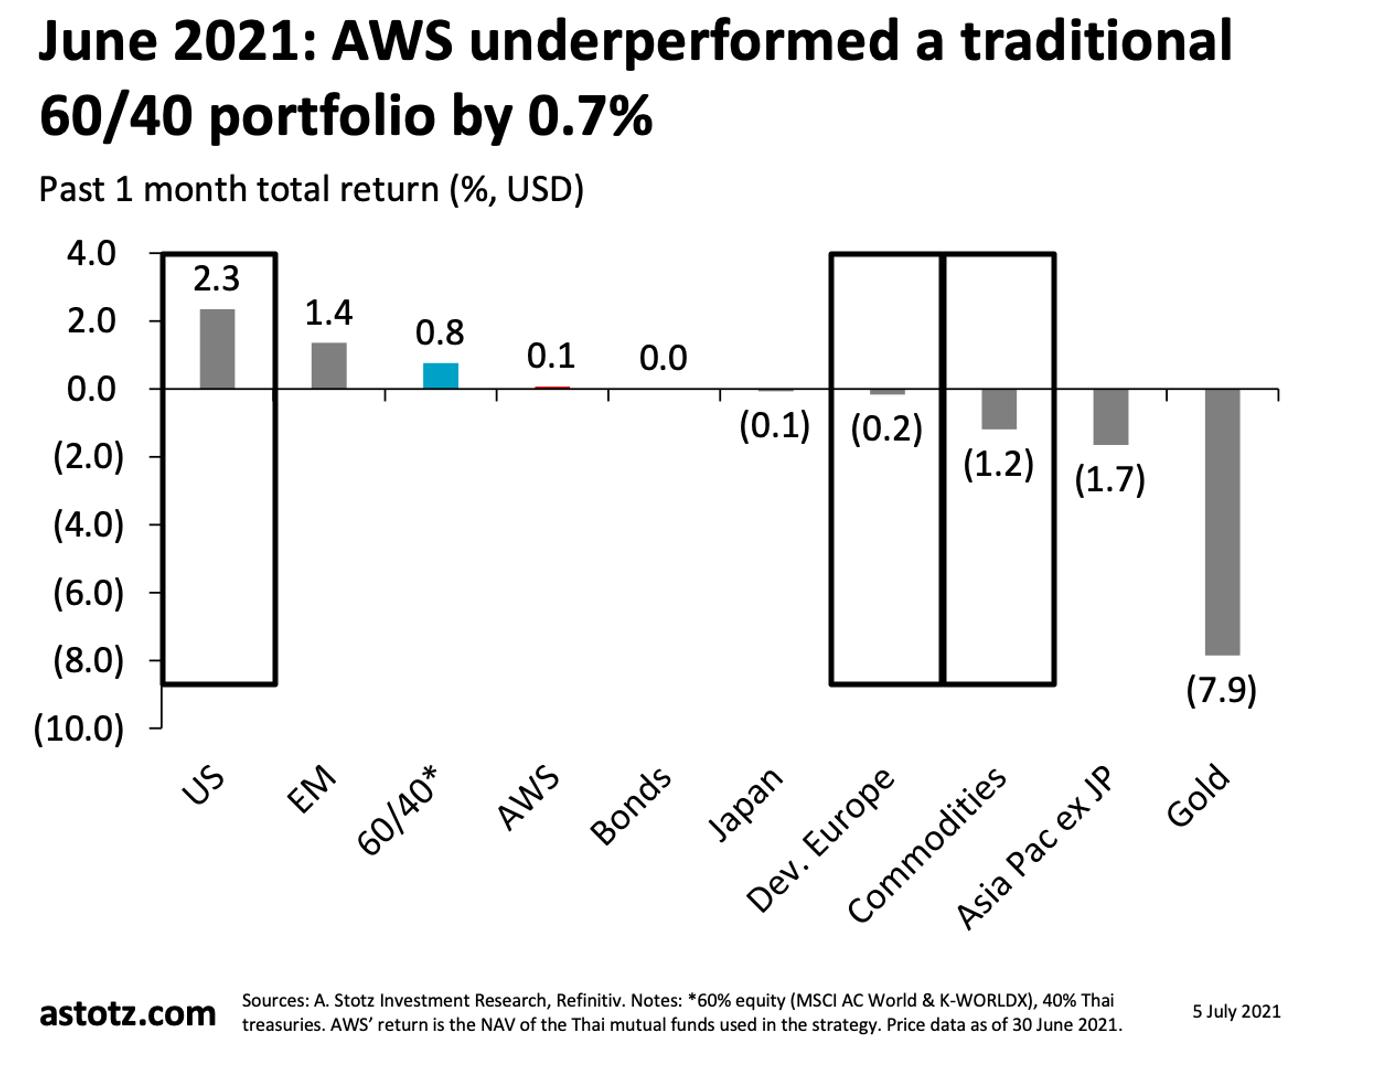 รูปที่ 1: รูปเปรียบเทียบผลตอบแทนสินทรัพย์ ข้อมูล ณ วันที่ 30 มิ.ย. 2021 (ที่มา: A.Stotz Investment Research, Refinitiv) รีวิว: การสลับไปลงทุนในหุ้นสหรัฐฯ เป็นการตัดสินใจที่ถูกต้อง ● เราเปลี่ยนการลงทุนจากตลาดเกิดใหม่และภูมิภาคเอเชียไม่รวมญี่ปุ่นไปยังหุ้นสหรัฐฯ และยุโรปพัฒนาแล้วที่สัดส่วนอย่างละ 25% ในช่วงล่าสุด ● หุ้นสหรัฐฯ ทำผลงานได้ดีที่สุดในเดือน มิถุนายน 2021 และเราได้ประโยชน์ในส่วนนี้ ● สหรัฐฯ ถูกขับเคลื่อนผ่านการกระจายวัคซีนที่รวดเร็วและการควบคุมที่ผ่อนคลายลง ส่งผลให้เกิดความคาดหวังในการฟื้นตัวที่ต่อเนื่อง รีวิว: หุ้นยุโรปกลุ่มพัฒนาแล้วยังทรงตัวในเดือน มิถุนายน ● หุ้นยุโรปปรับตัวลงเล็กน้อย ถึงแม้ยุโรปจะกระจายวัคซีนได้เร็วกว่ากลุ่มตลาดเกิดใหม่และเอเชียส่วนใหญ่ ● ตลาดกังวลถึงการปรับขึ้นดอกเบี้ยเพื่อหยุดยั้งเงินเฟ้อและการแข็งค่าของเงินดอลลาร์ส่งผลให้ทำผลงานได้ไม่ดีนัก ● การปรับสัดส่วนไปลงทุนที่ 25% ไม่ได้ช่วยในการสร้างผลตอบแทนแต่ก็ไม่ได้ส่งผลเสีย รีวิว: ปรับสัดส่วนตราสารหนี้ในระดับต่ำที่ 5% ● เรามีสัดส่วนการลงทุนในตราสารหนี้ที่ 5% หลังความน่าสนใจลดลงหากเทียบกับหุ้น ○ กลยุทธ์ของเราคือการถือครองพันธบัตรรัฐบาลไทยเท่านั้น แทนที่จะถือพันธบัตรและตราสารหนี้ทั่วโลกคละกัน ● หุ้นในที่อื่น ๆนอกเหนือจากสหรัฐฯ และตลาดเกิดใหม่ รวมถึงโภคภัณฑ์ปรับตัวลง ดังนั้นผลตอบแทนของตราสารหนี้ที่คงตัว จึงมีความน่าสนใจ รีวิว: สัญญาโภคภัณฑ์เดือน มิถุนายน ● สินค้าโภคภัณฑ์กลุ่มพลังงานส่วนใหญ่ นำโดยก๊าสธรรมชาติและน้ำมัน ทำผลตอบแทนได้ดีในเดือน มิถุนายน ● ราคาน้ำมันดิบ WTI ปิดที่ 73 เหรียญ/บาร์เรล ในเดือน มิถุนายน ● วัสดุอุตสาหกรรมและโลหะมีค่าทำผลงานได้ไม่ดี ● สินค้าโภคภัณฑ์ทางเกษตรทำผลงานสลับกันไป โดยราคากลุ่มปศุสัตว์ปรับตัวขึ้น ในขณะที่ข้าวสาลีและถั่วเหลืองปรับตัวลง และราคาข้าวโพดยังทรงตัว ● ดอลลาร์แข็งค่าขึ้นในเดือน มิถุนายน ซึ่งหมายถึงราคาโภคภัณฑ์ที่ปรับตัวลง รีวิว: ราคาทองถูกกดดันอย่างหนักในเดือน มิถุนายน ● เรามีสัดส่วนลงทุนในทองคำ 5% ● เราตัดสินใจได้ถูกต้องหลังราคาทองคำปรับตัวลงอย่างมีนัยยะสำคัญที่ 8% และปิดตัวที่ 1,770 เหรียญ/ทรอยออนซ์ ในเดือน มิถุนายน ● ถึงอย่างนั้น เราได้รับผลกระทบเล็กน้อยจากสัดส่วนโภคภัณฑ์ทั้งหมดที่ 25% ● ดอลลาร์ที่แข็งค่าเป็นสัญญาณเชิงลบต่อทองคำ ดังเช่นโภคภัณฑ์อื่น ๆ มิถุ